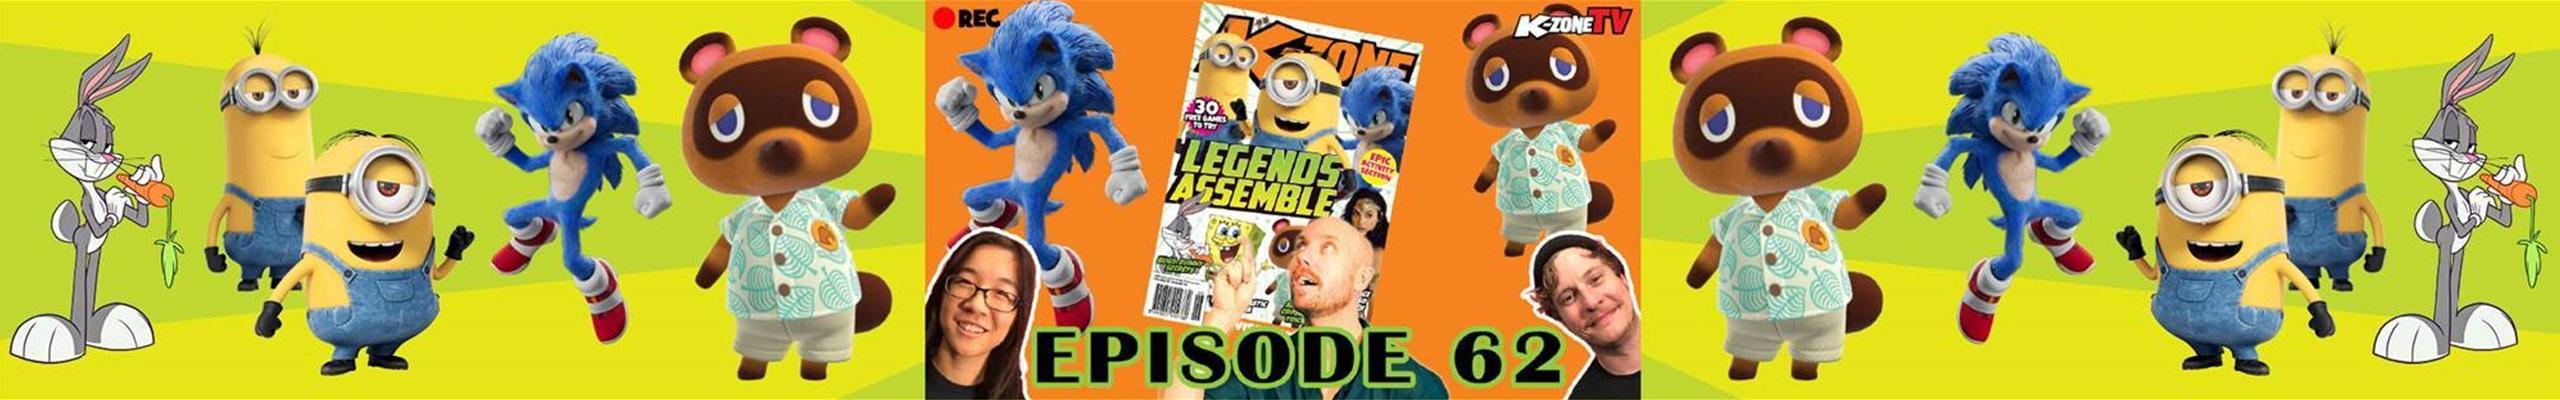 K-Zone TV Episode 62: Legends Assemble